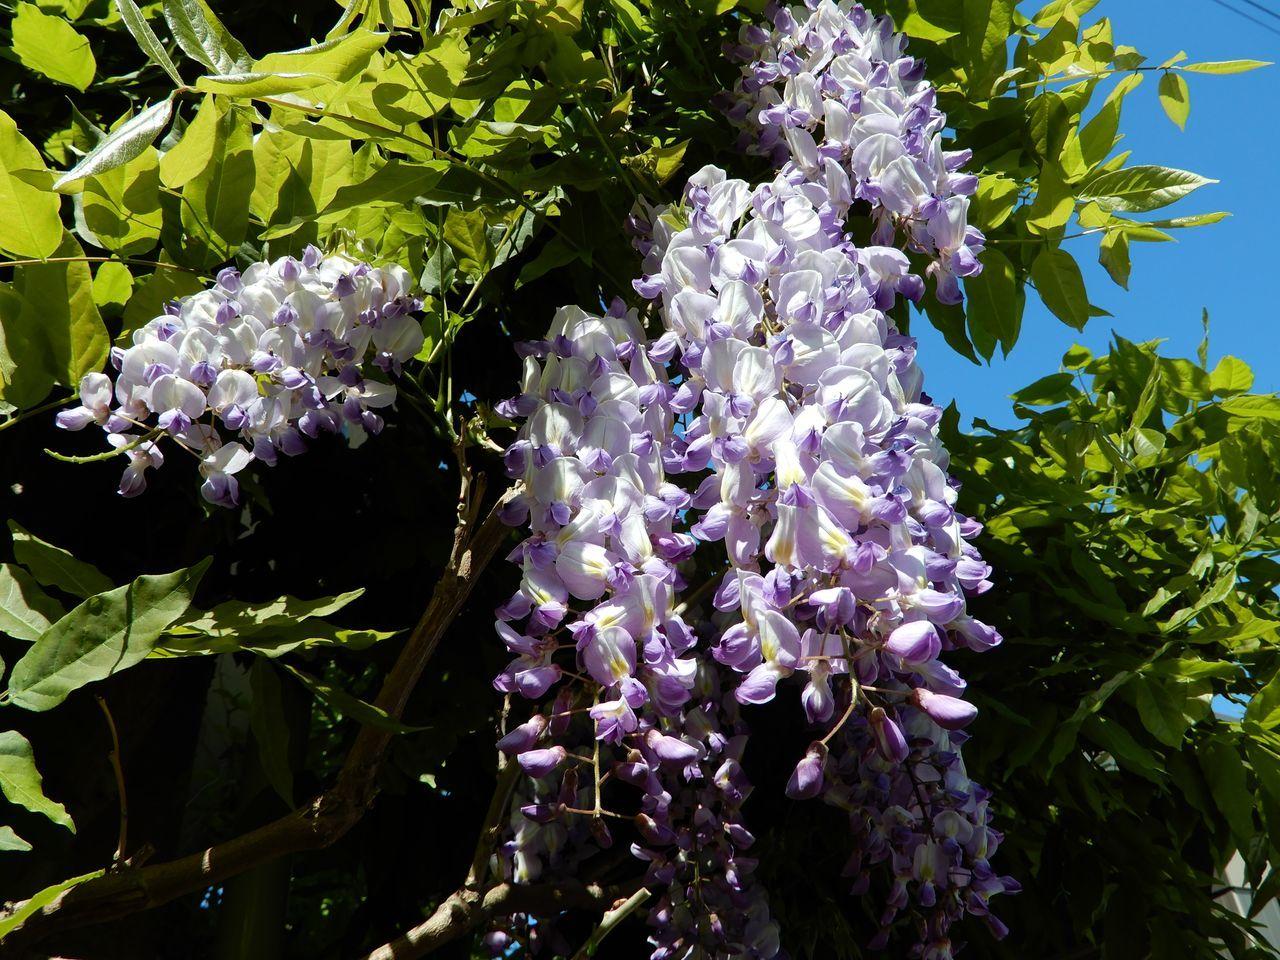 これから咲く花も_c0025115_23280532.jpg